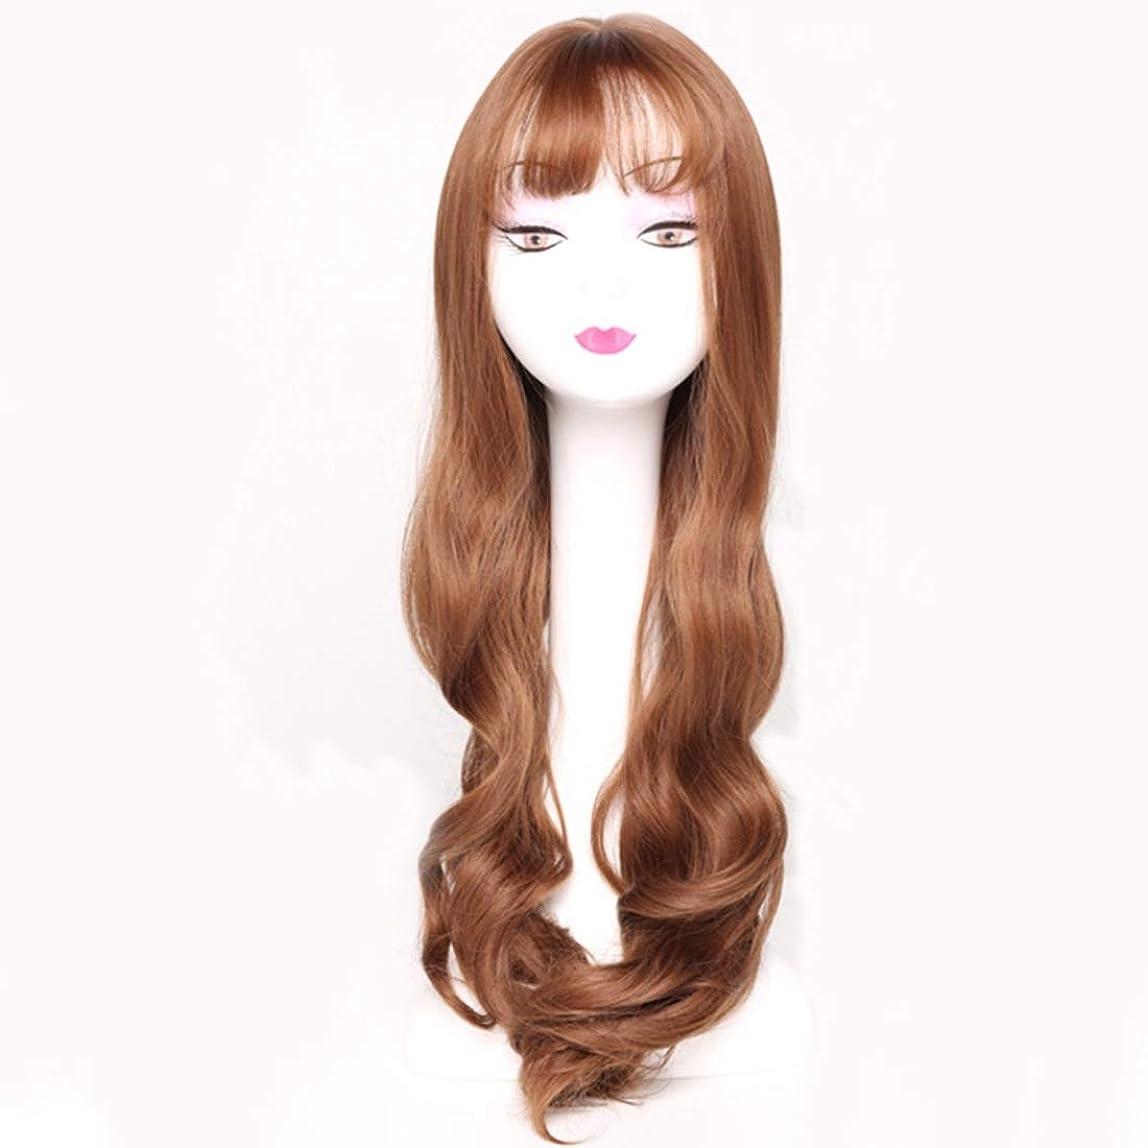 細菌立場推定Kerwinner レディースウィッグカーリー合成かつら前髪合成耐熱女性ヘアスタイルカスタムコスプレパーティーウィッグ